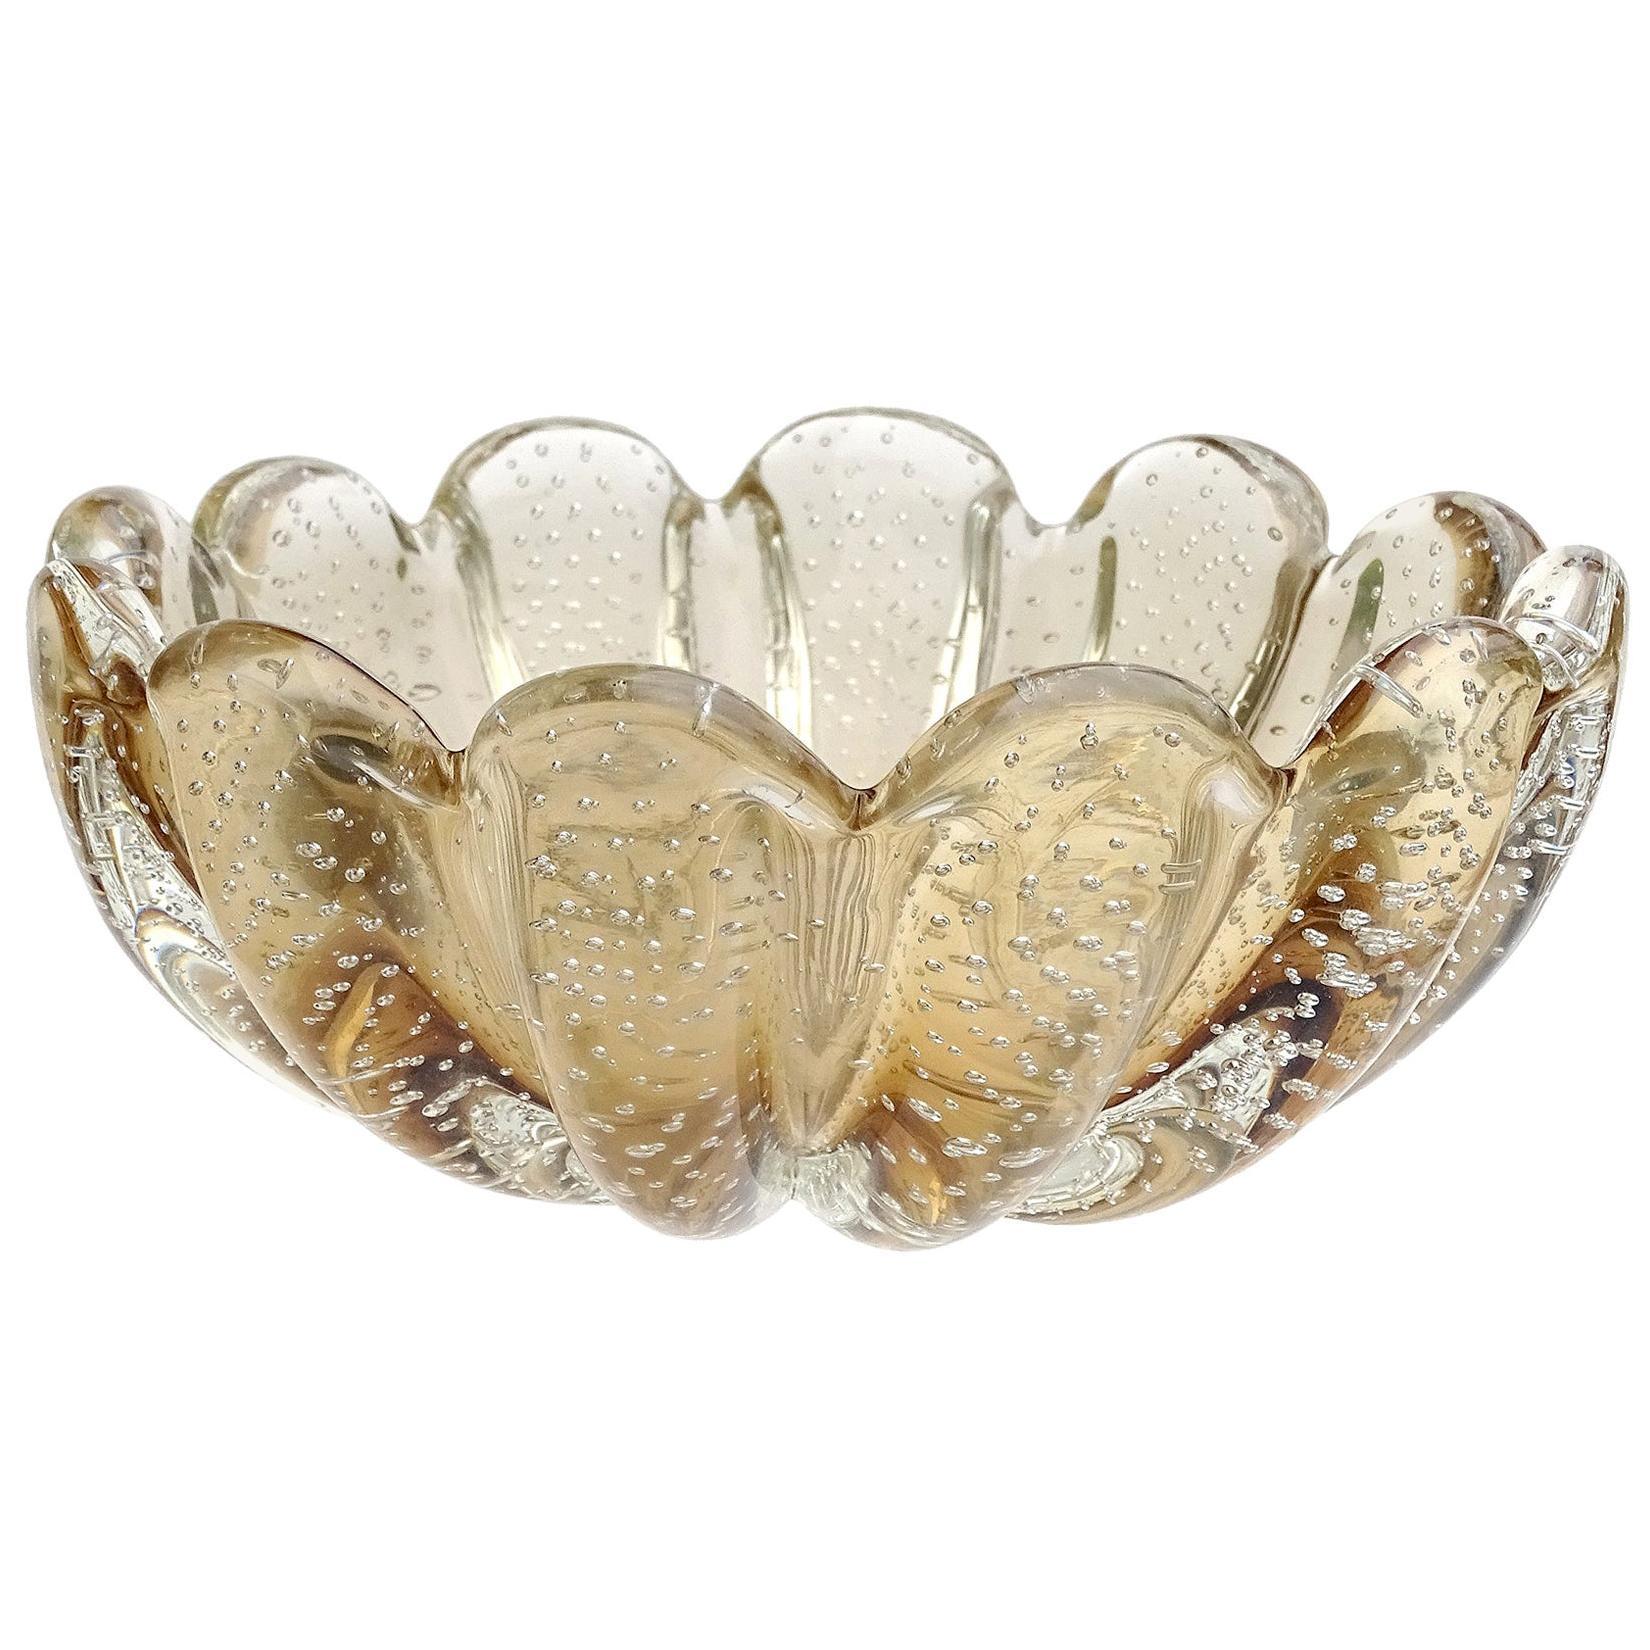 Seguso Vetri d'Arte Murano Champagne Sommerso Italian Art Glass Decorative Bowl